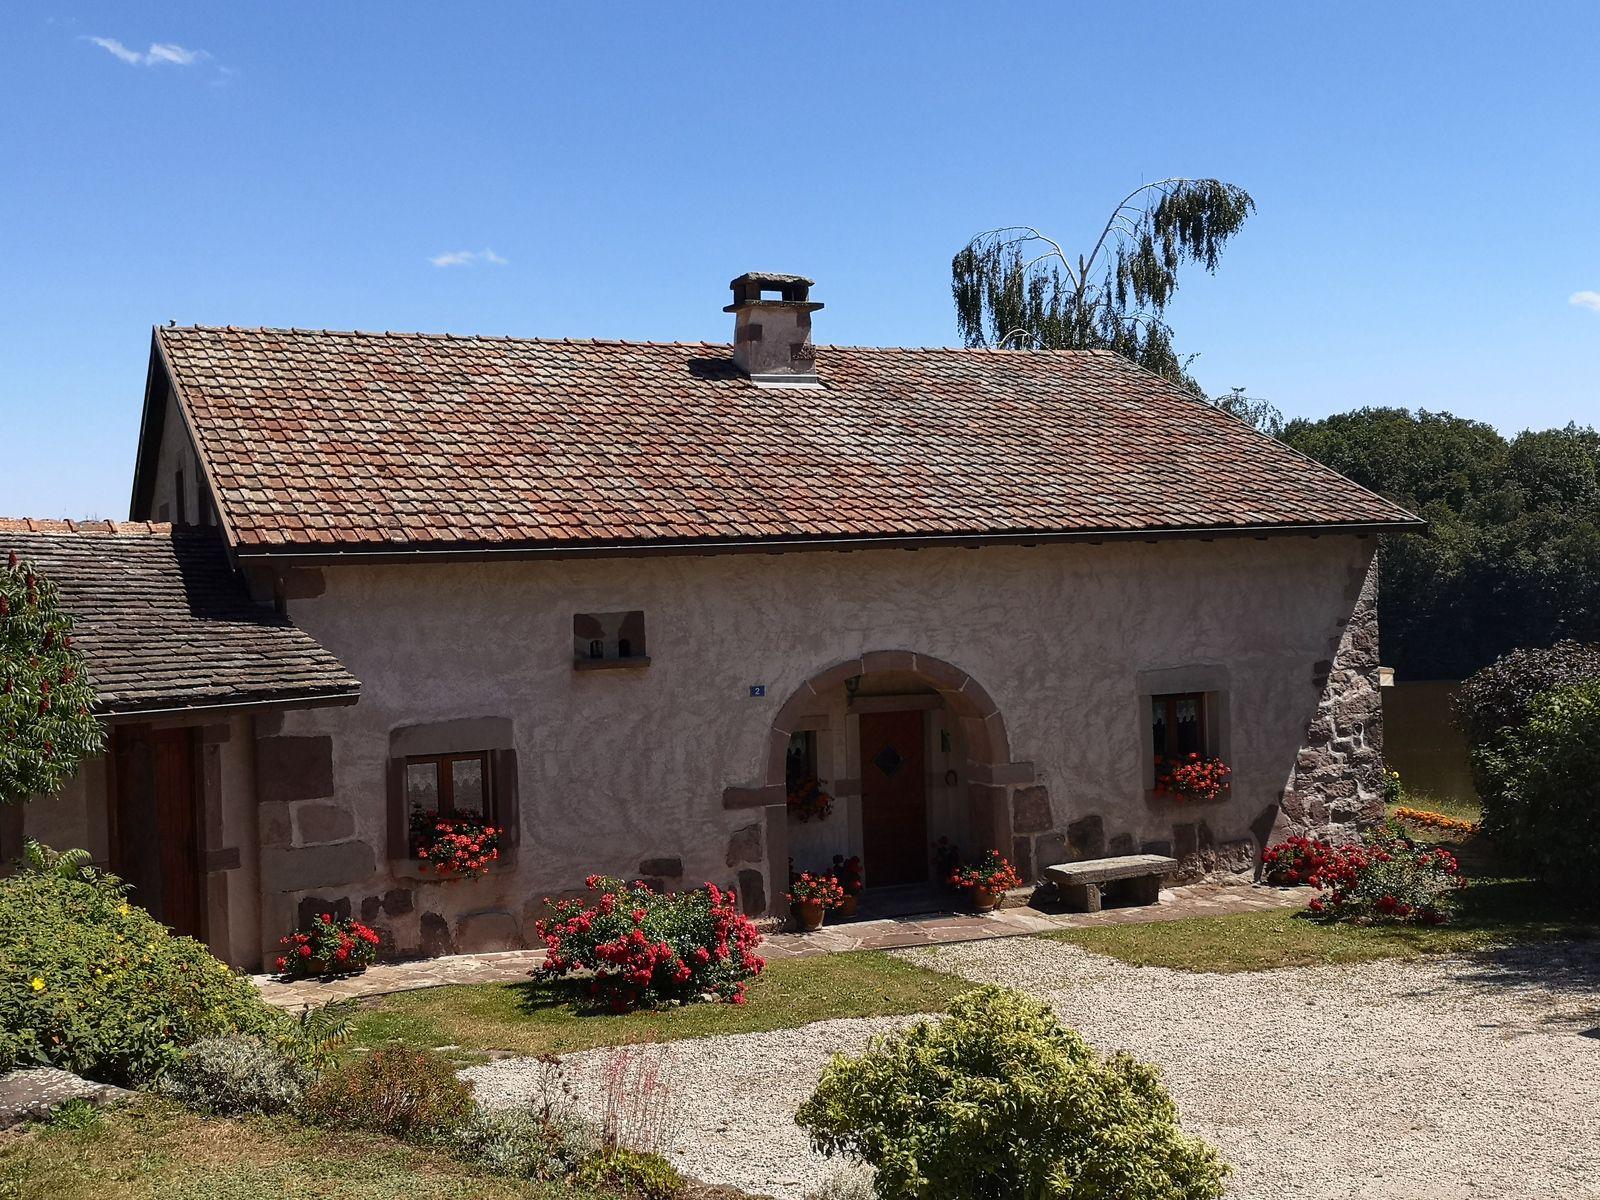 Maison typique de la région, avec son porche arrondi, qui permettait l'accès à la grange, aux charrettes chargées de foin.